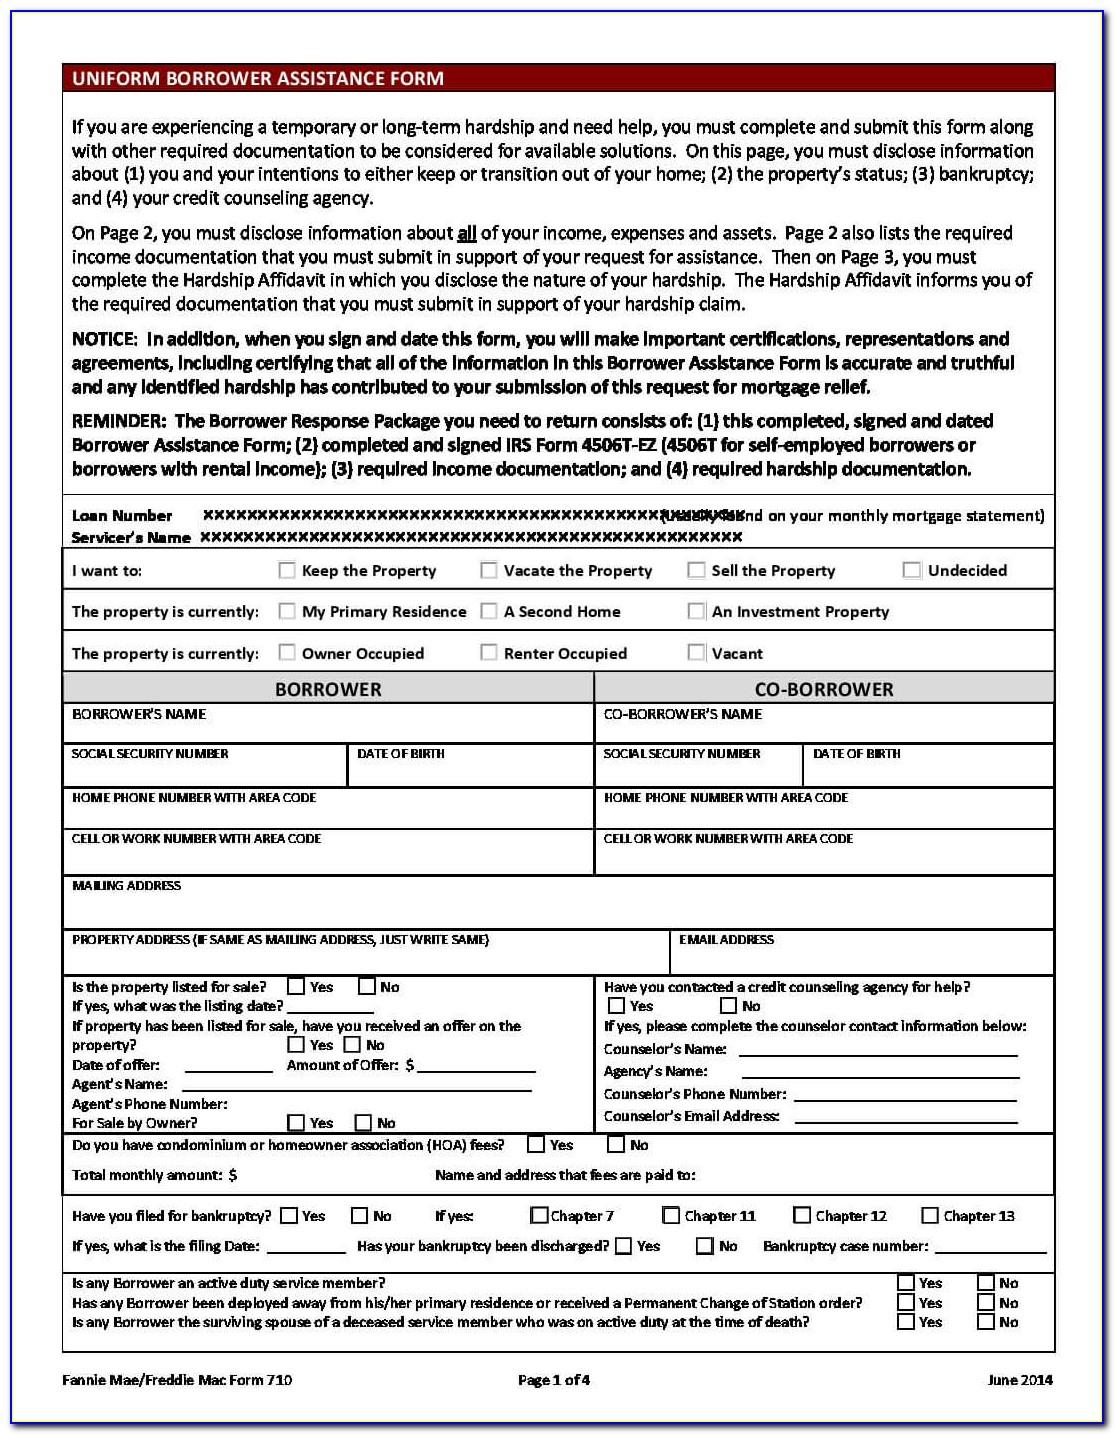 Ocwen Loan Modification Package Pdf